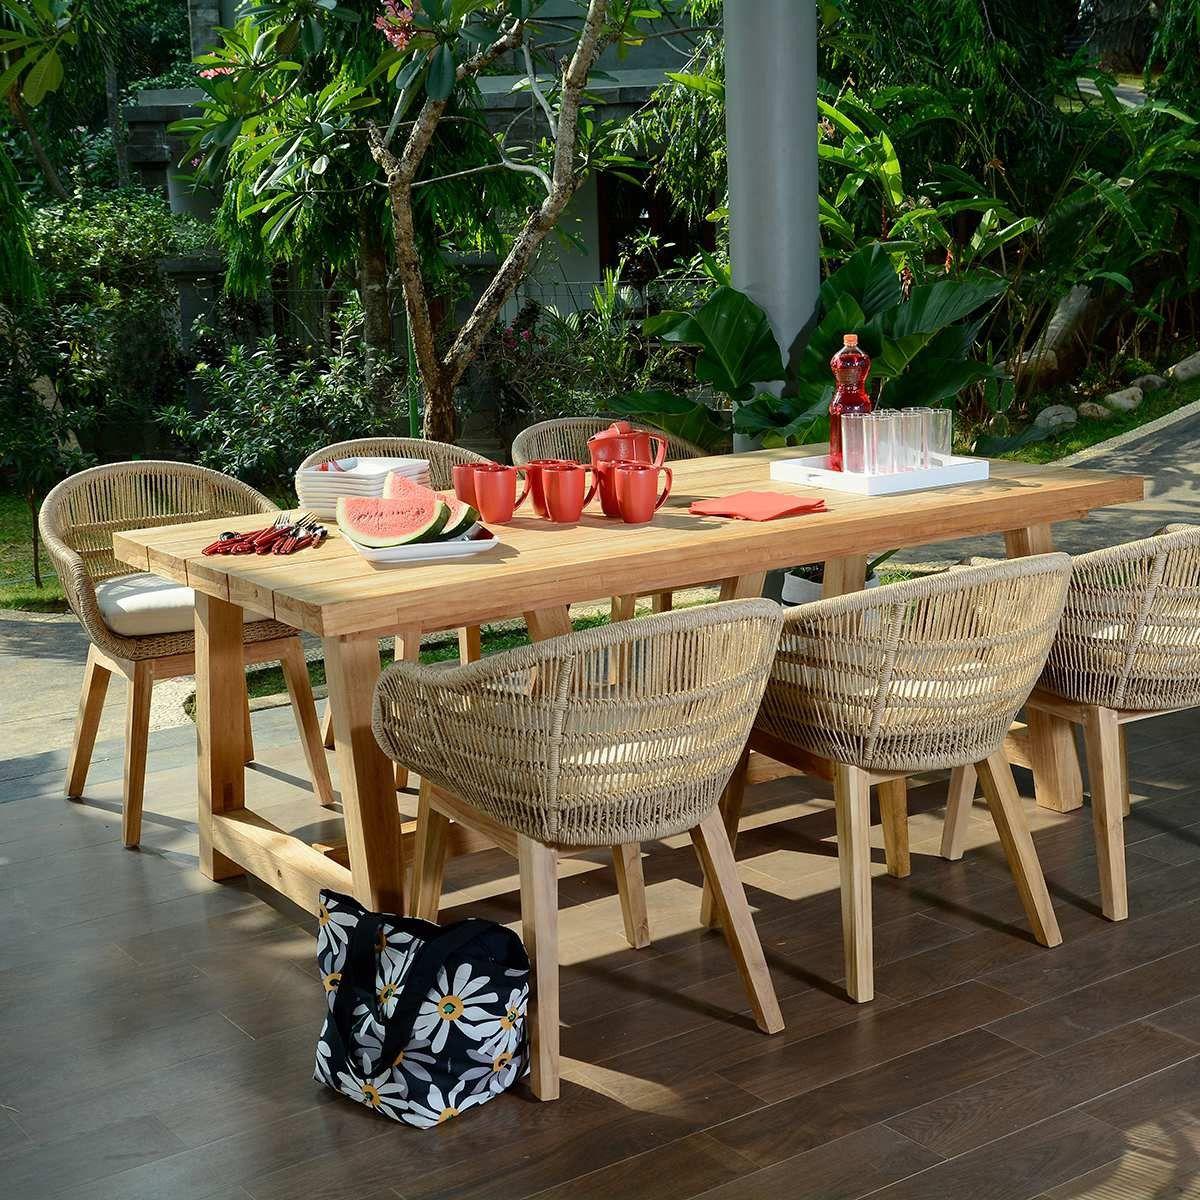 Salon De Jardin Chaumont 250 En Teck Effet Recycle Pas Cher Soldes Salon De Jardin Manomano Outdoor Furniture Sets Outdoor Tables Outdoor Furniture